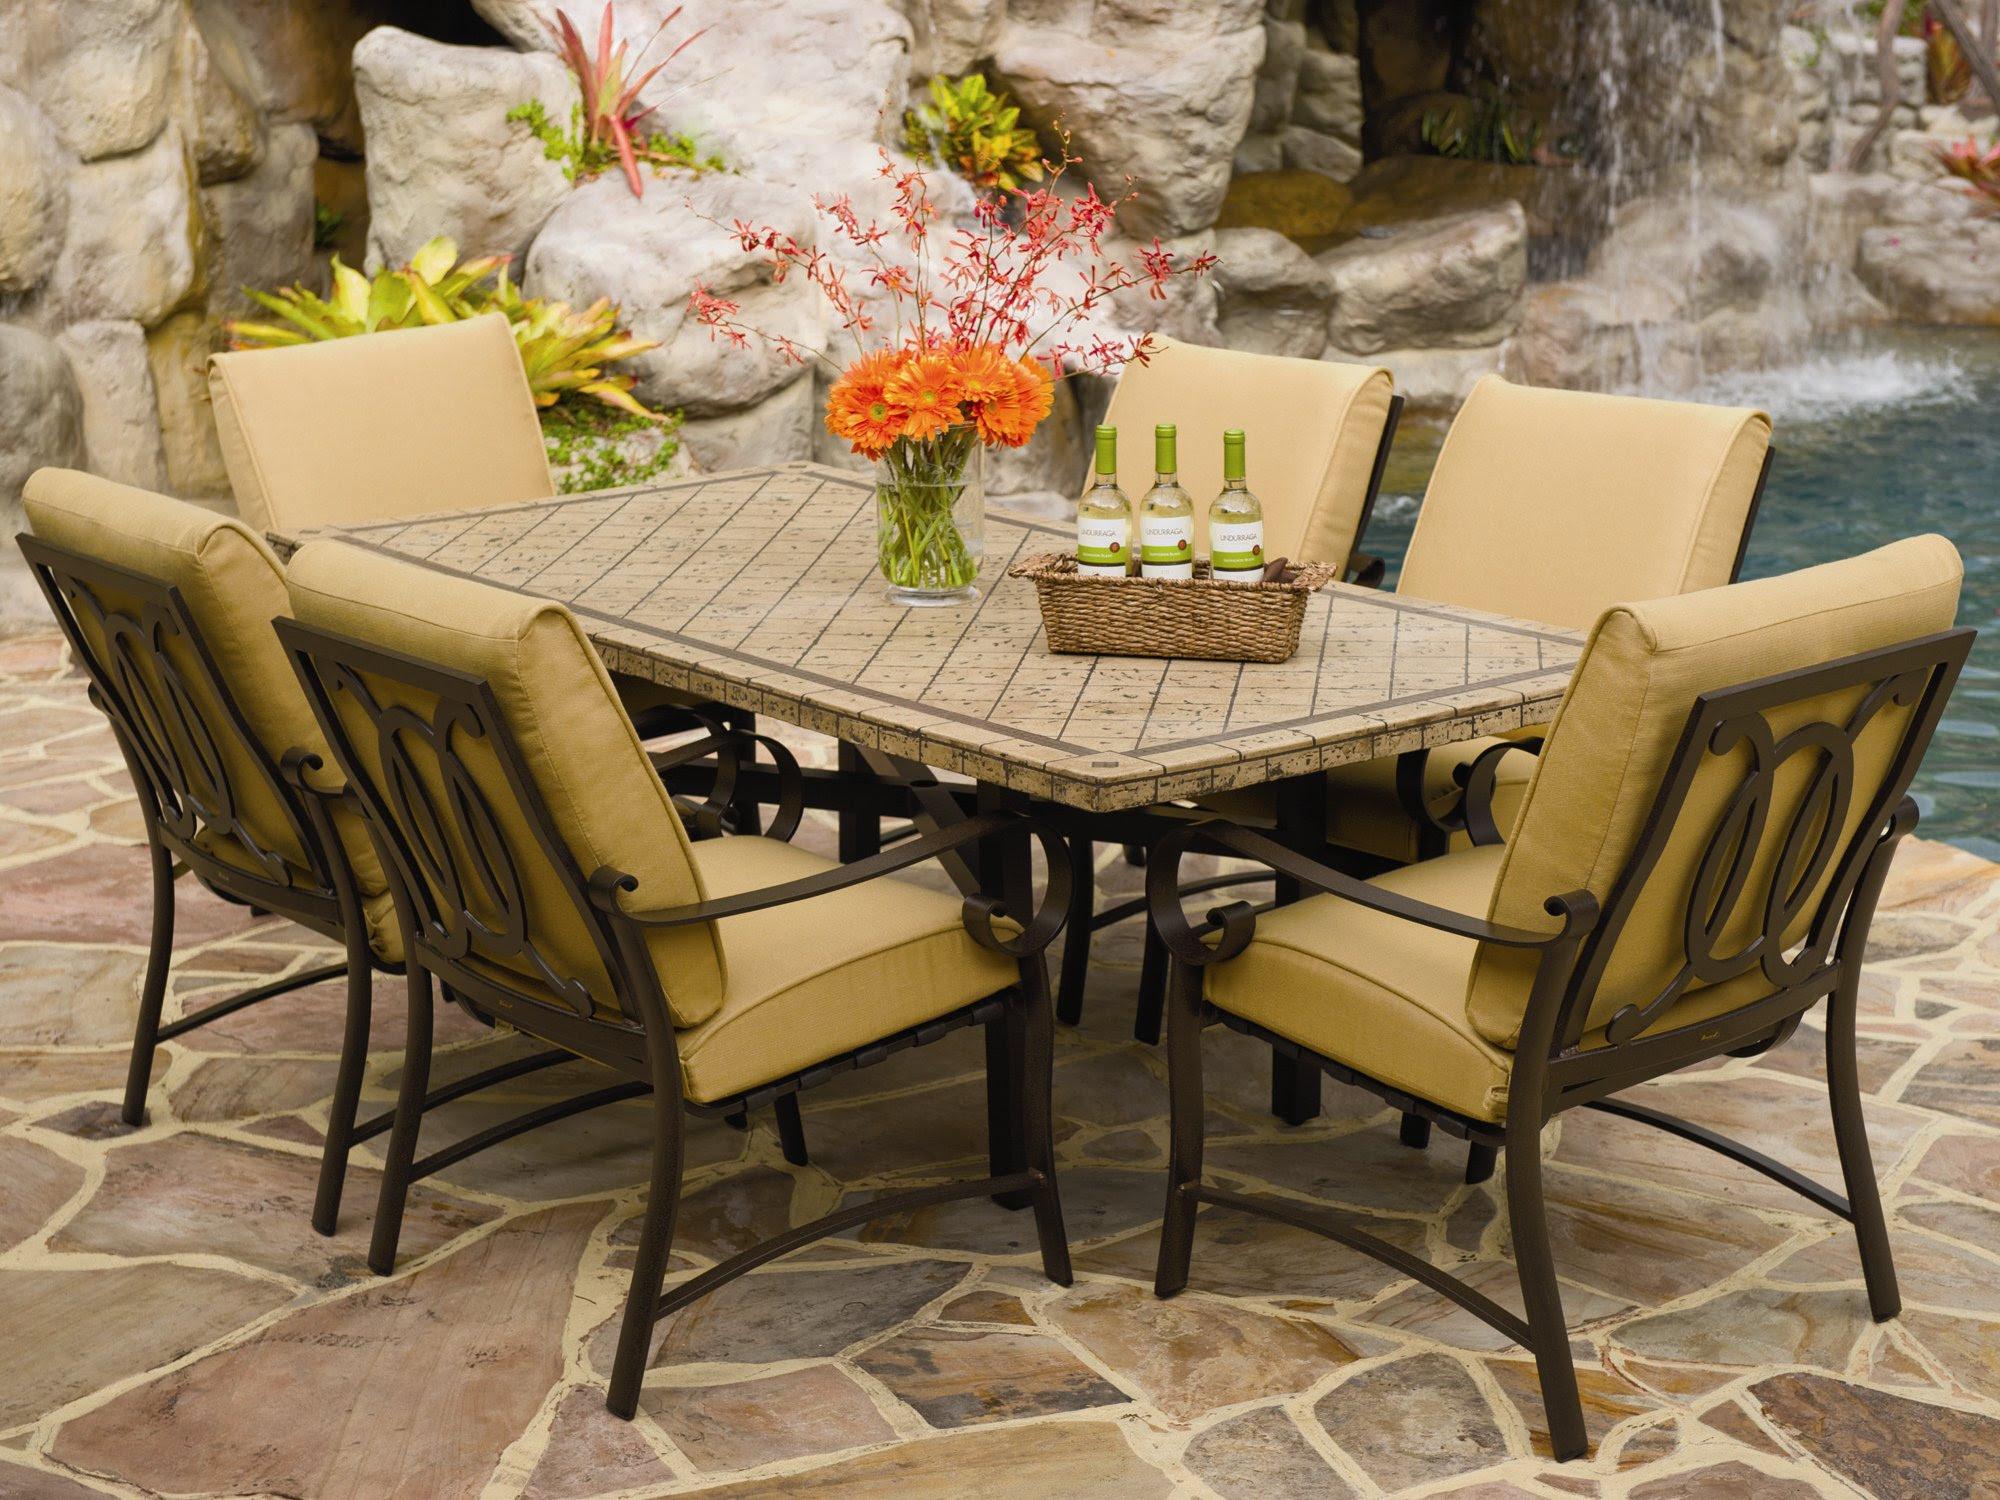 Stone Patio Tables Ideas - HomesFeed